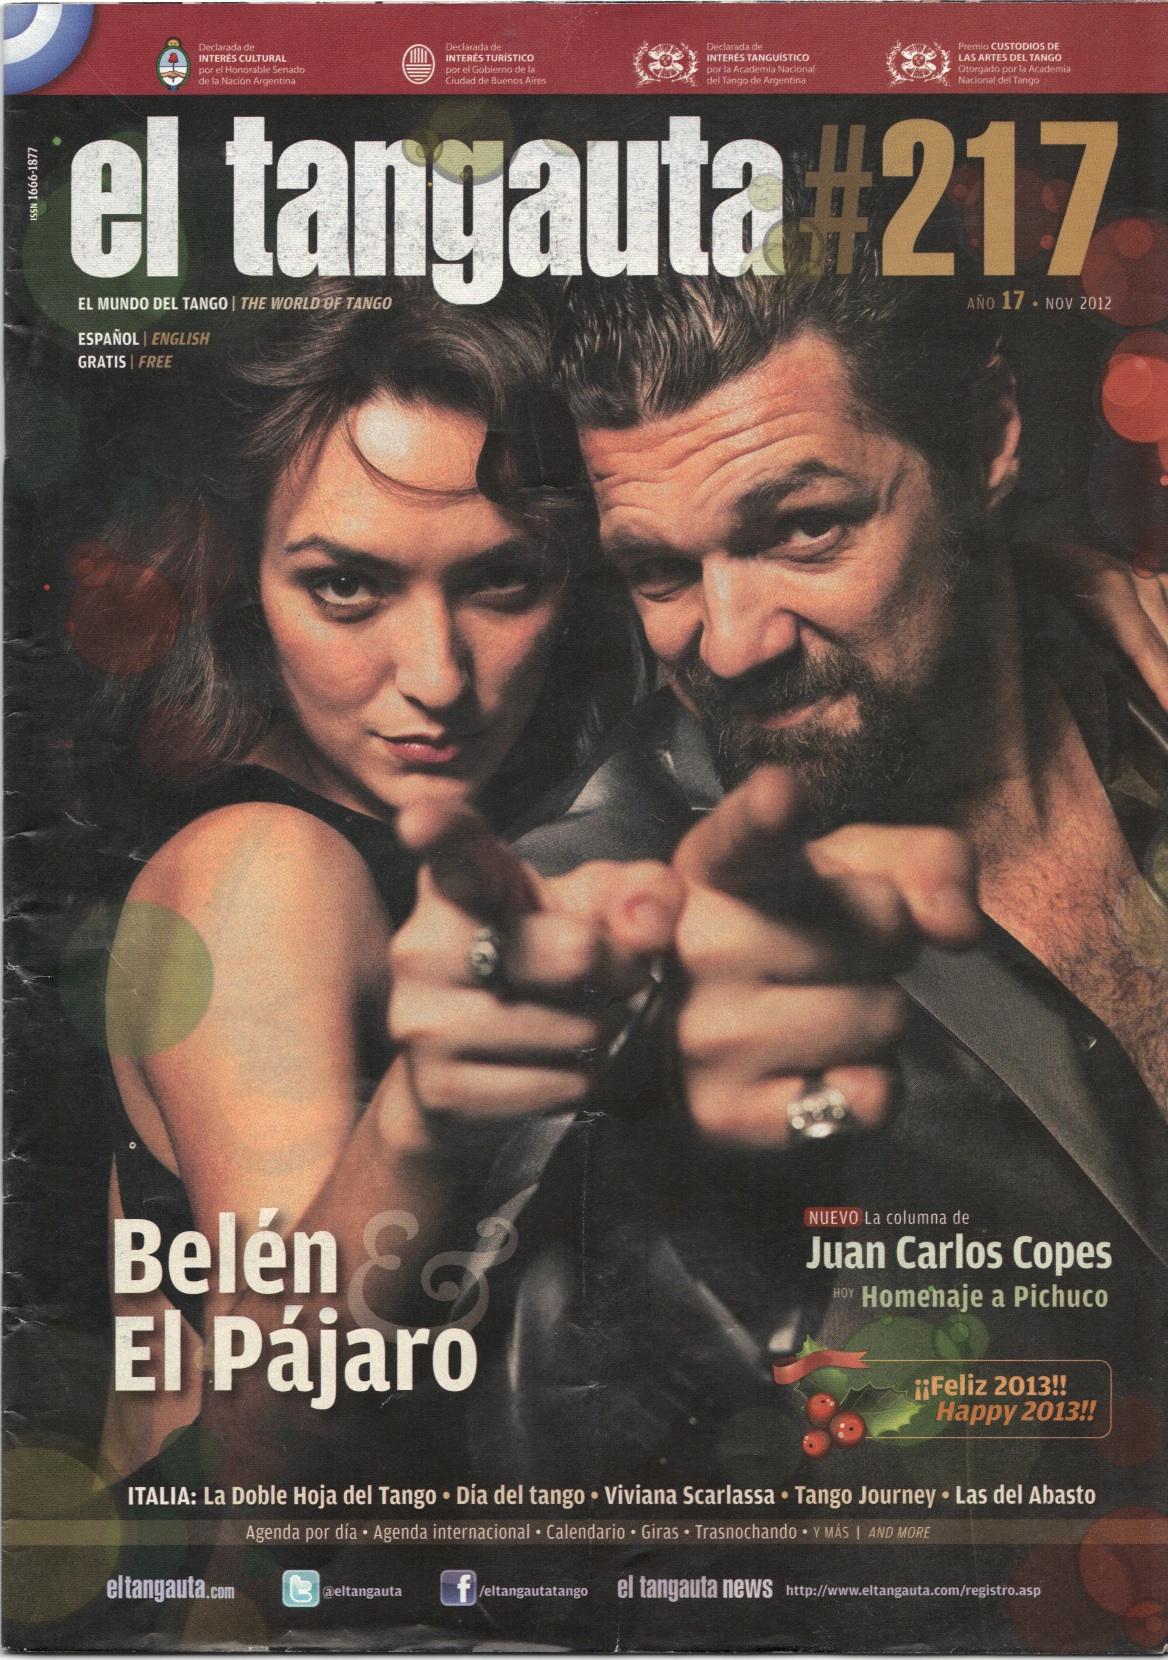 El Tangauta 1